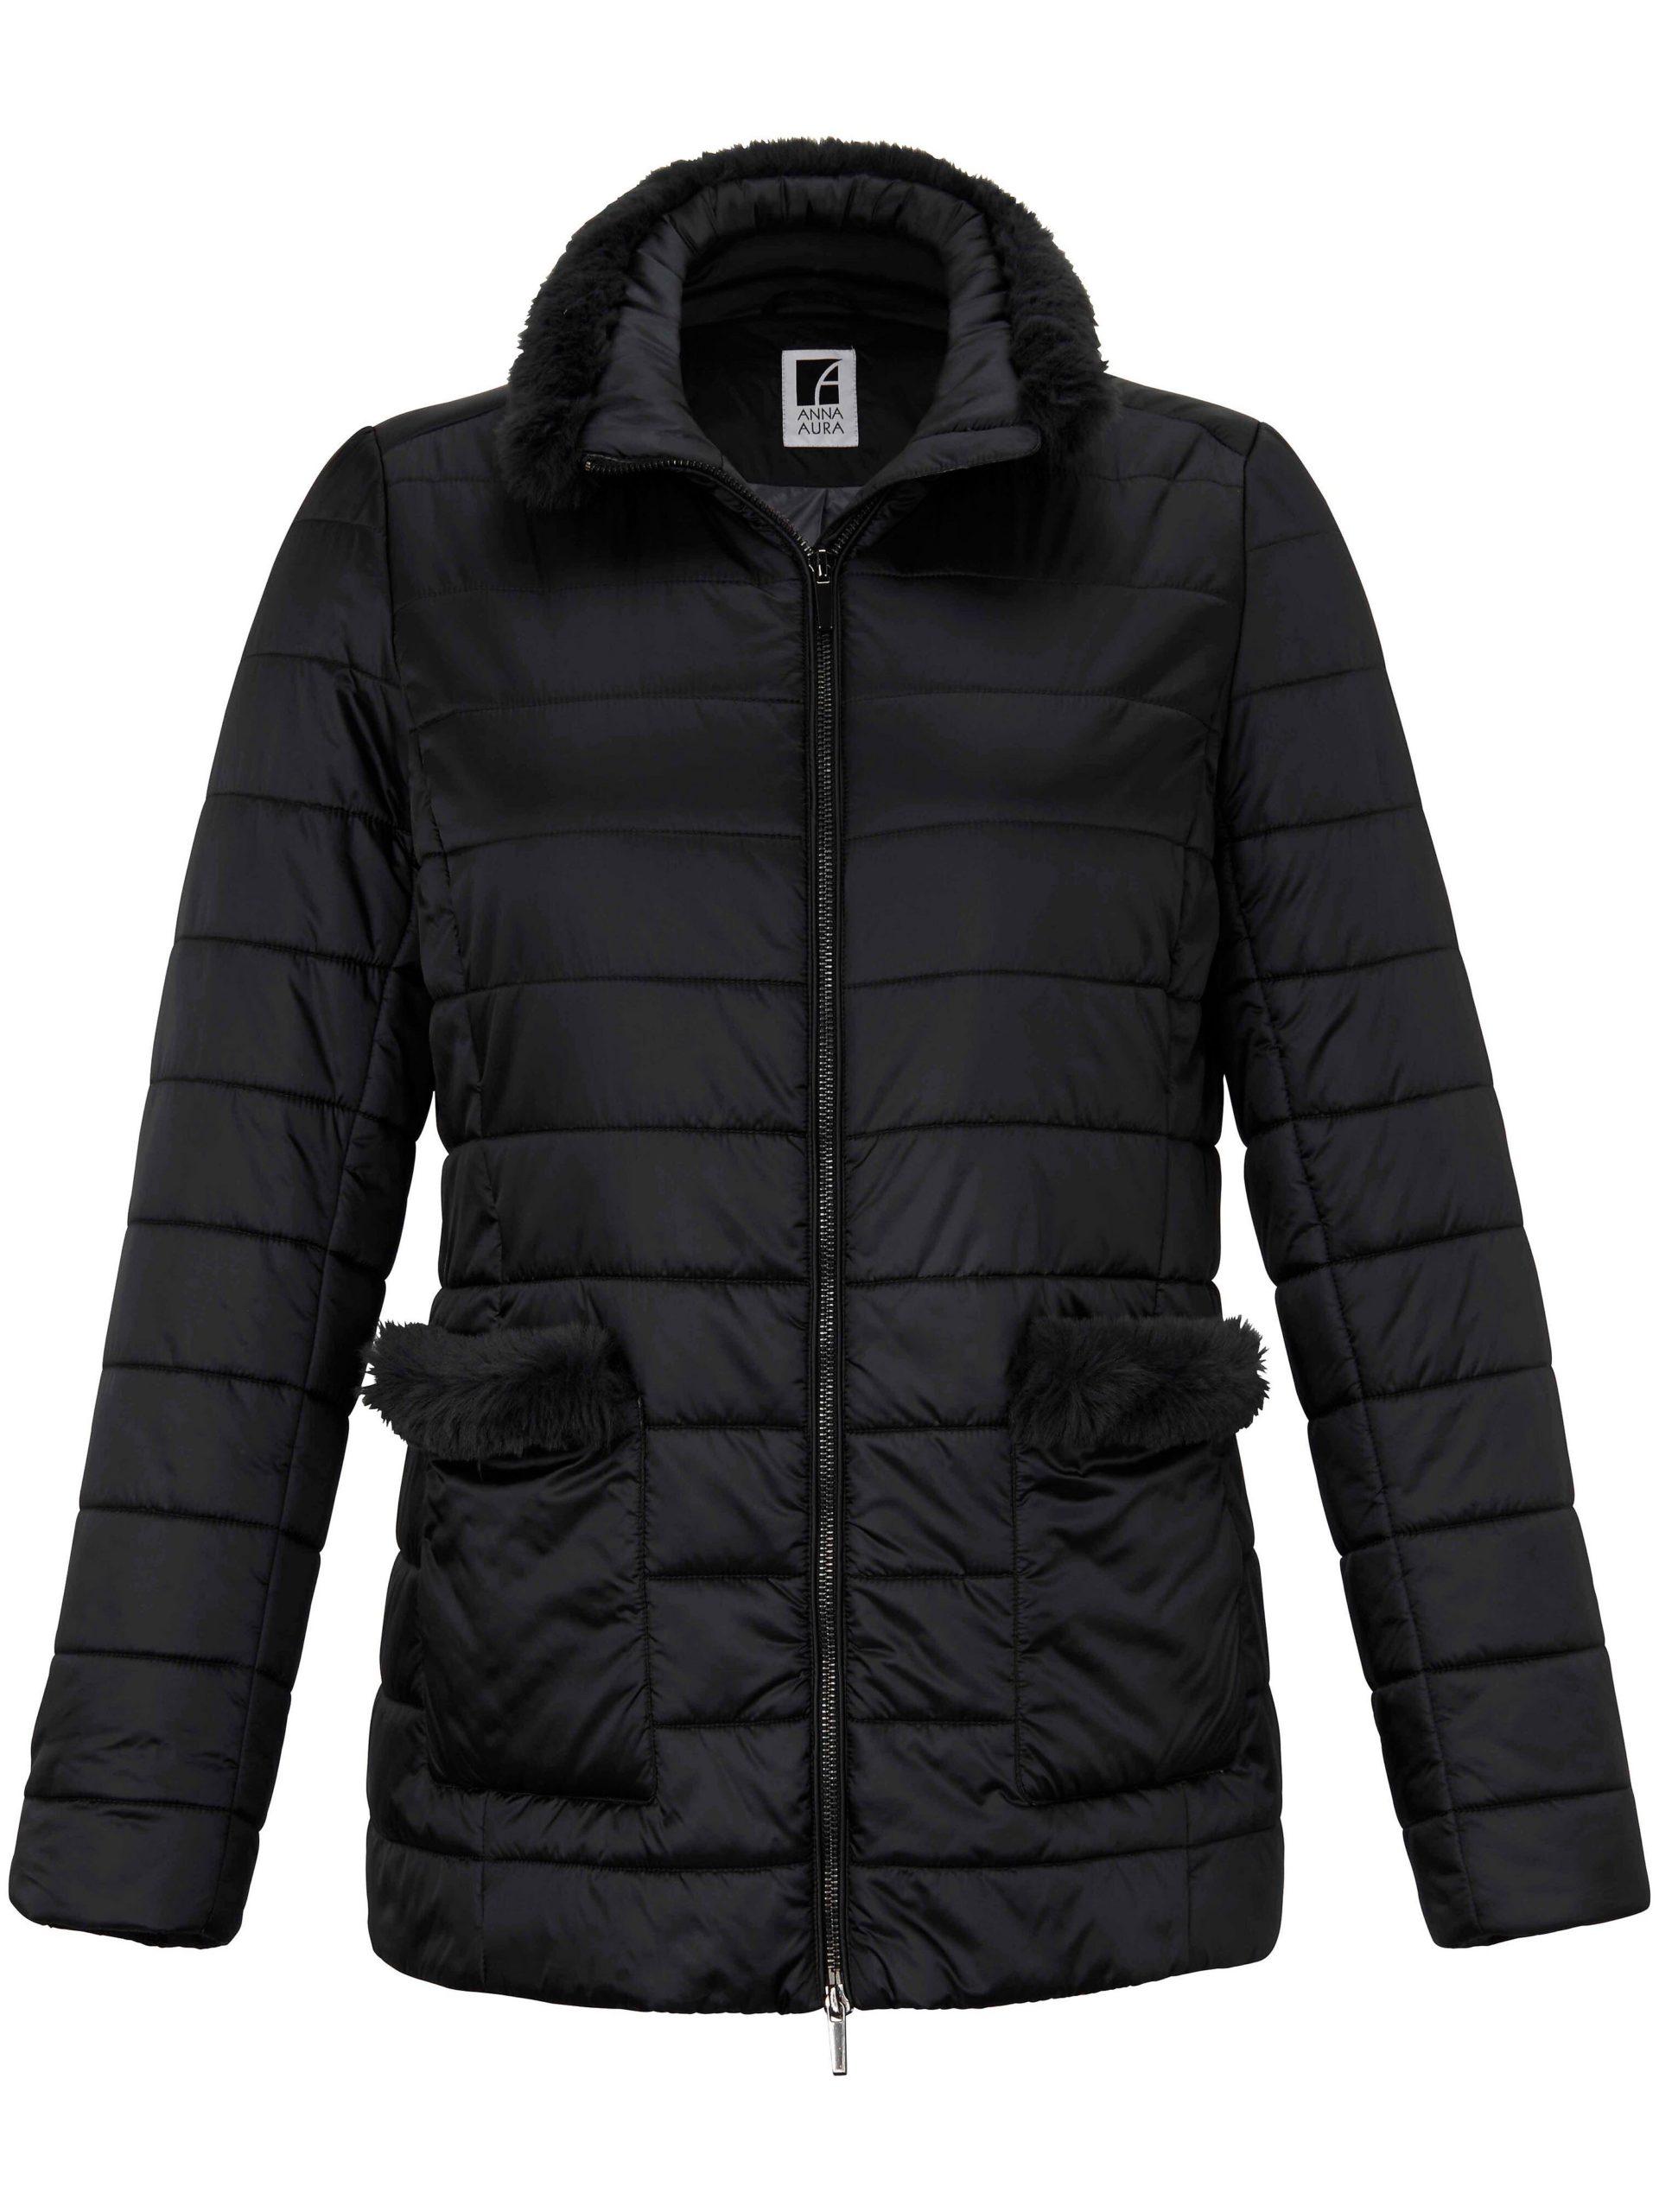 Gewatteerde jas met staande kraag Van Anna Aura zwart Kopen